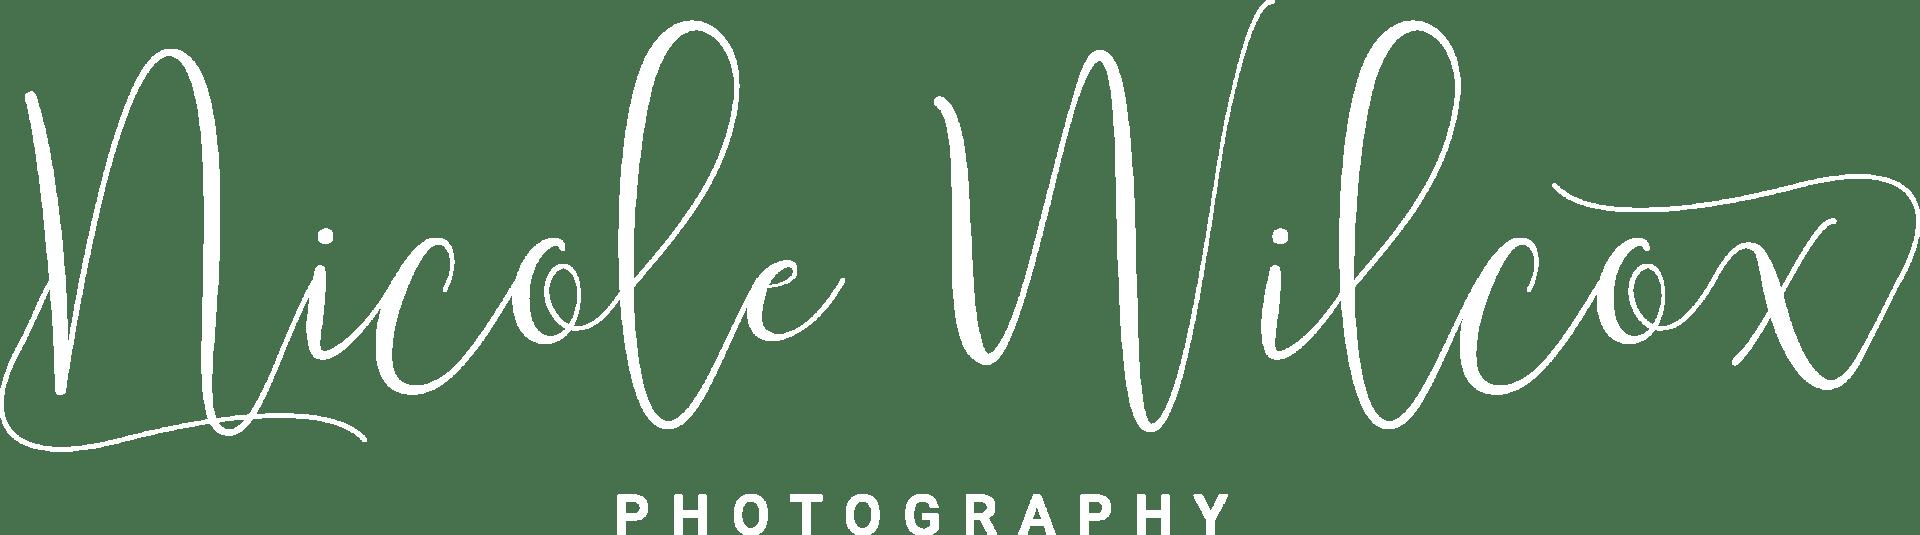 nicole wilcox photography logo